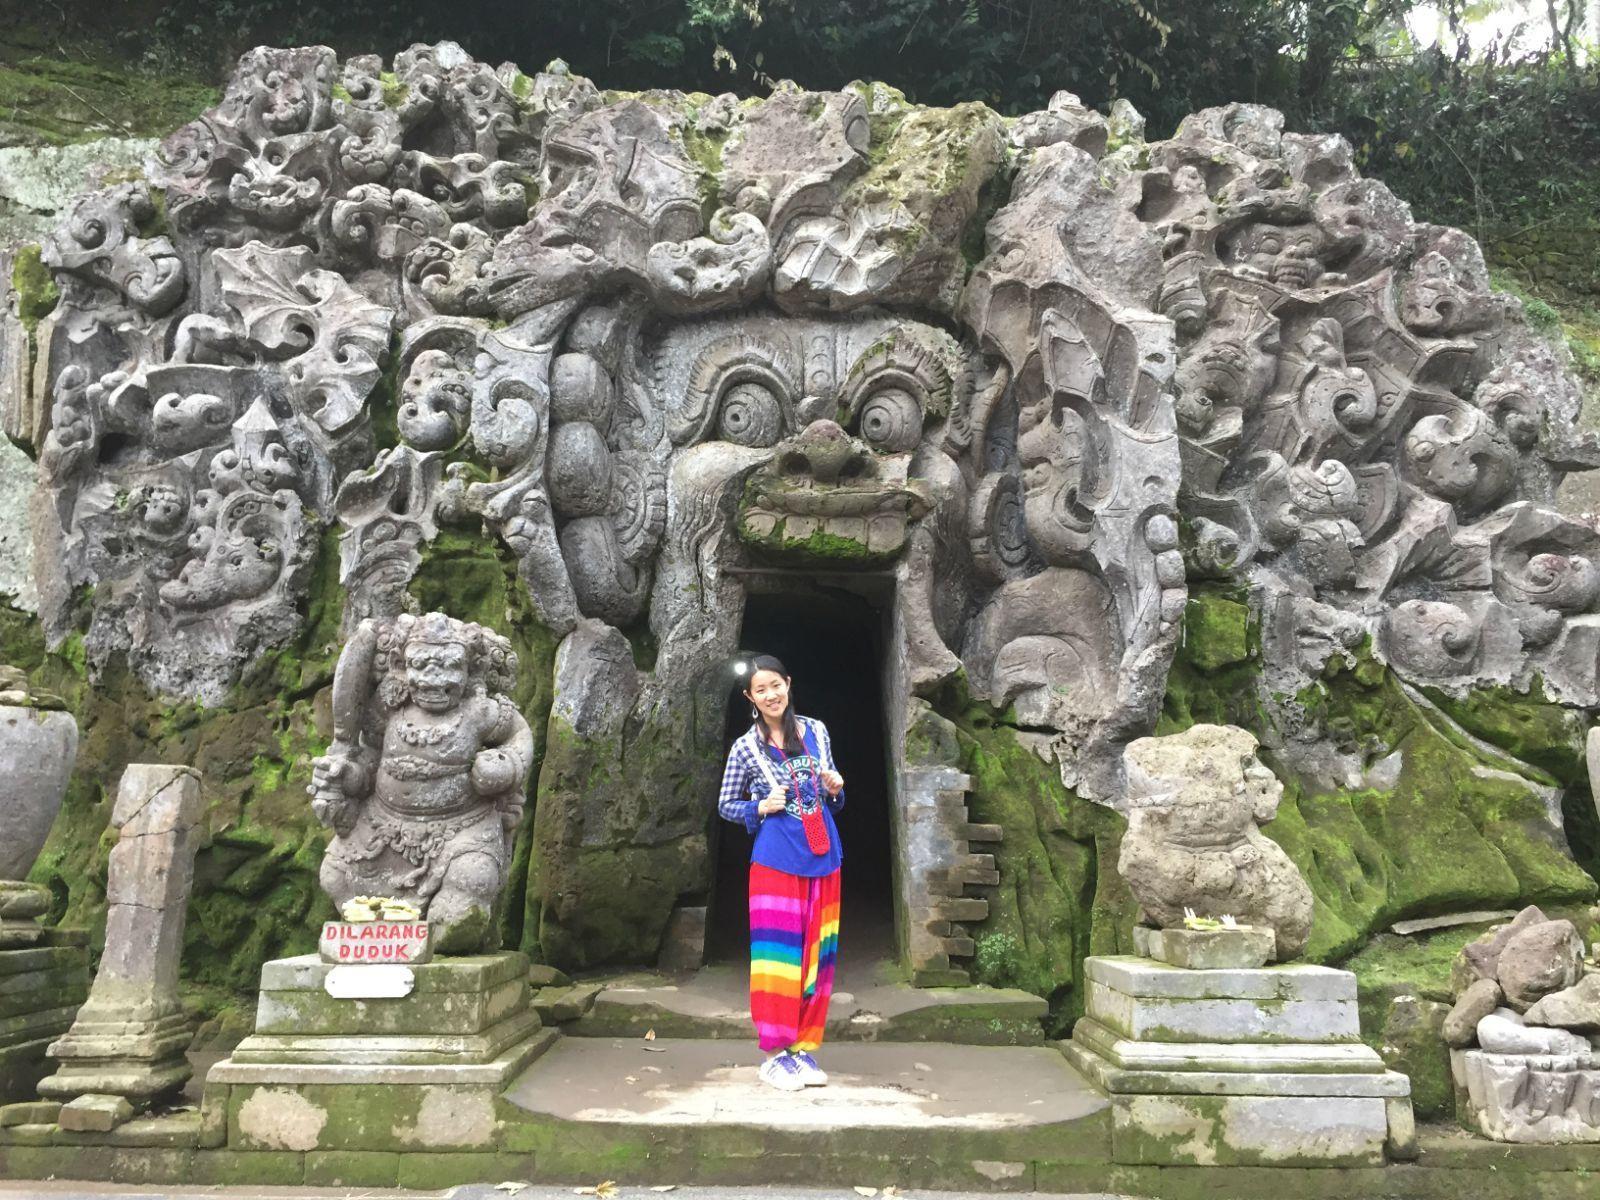 象窟是巴厘岛唯一的石窟寺院遗址,最早建于11世纪,1923年被荷兰考古